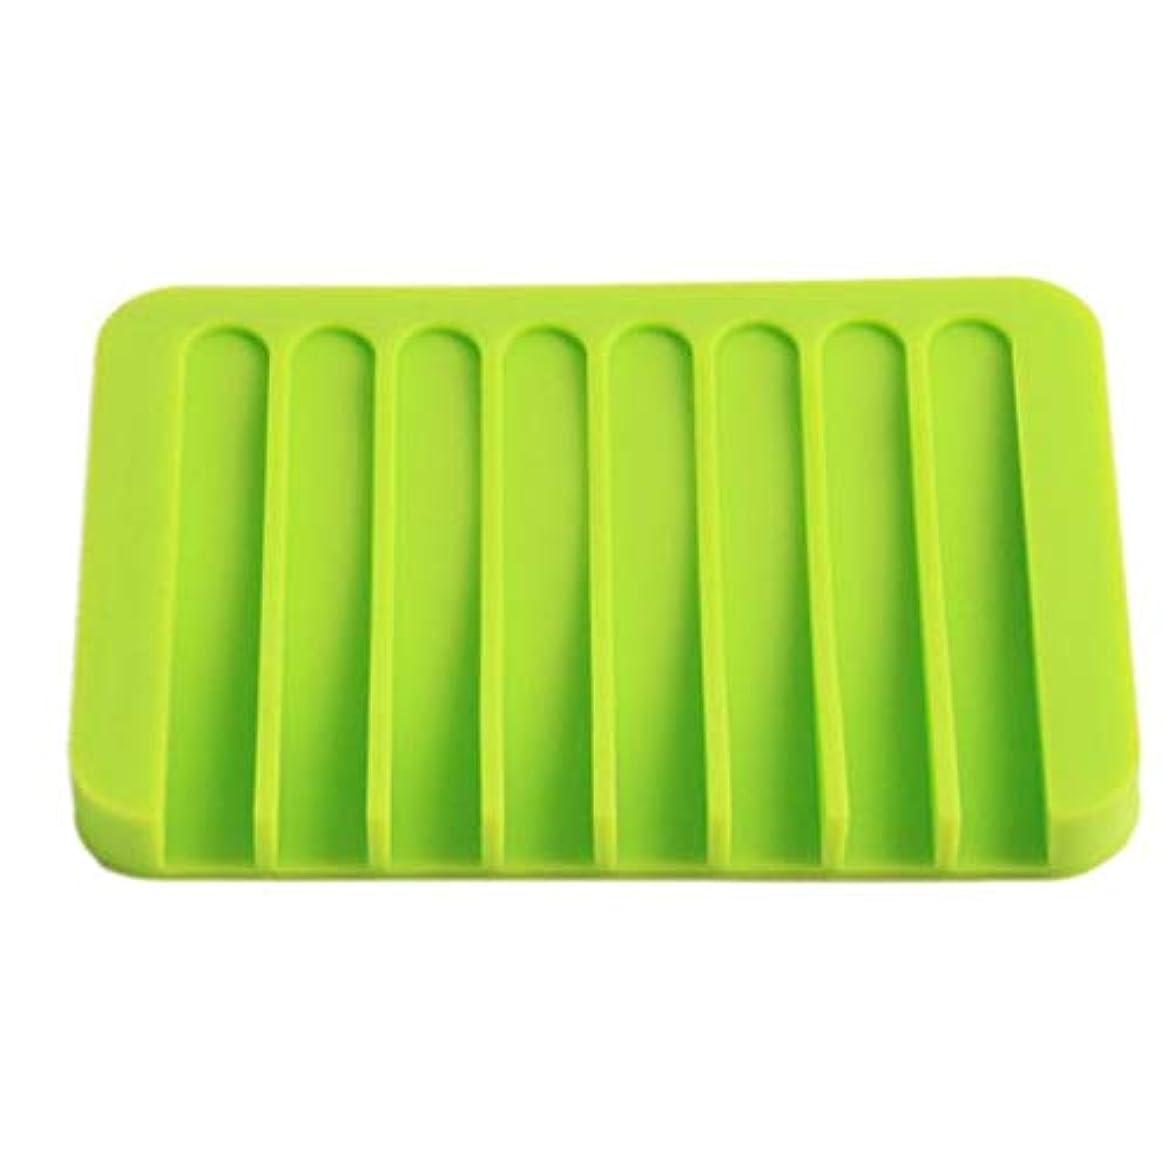 アンソロジーフェードアウト従来のOnior プレミアム品質のシリコーン浴室柔軟な石鹸皿ソープホルダー収納ソープボックスプレートトレイ排水、グリーン